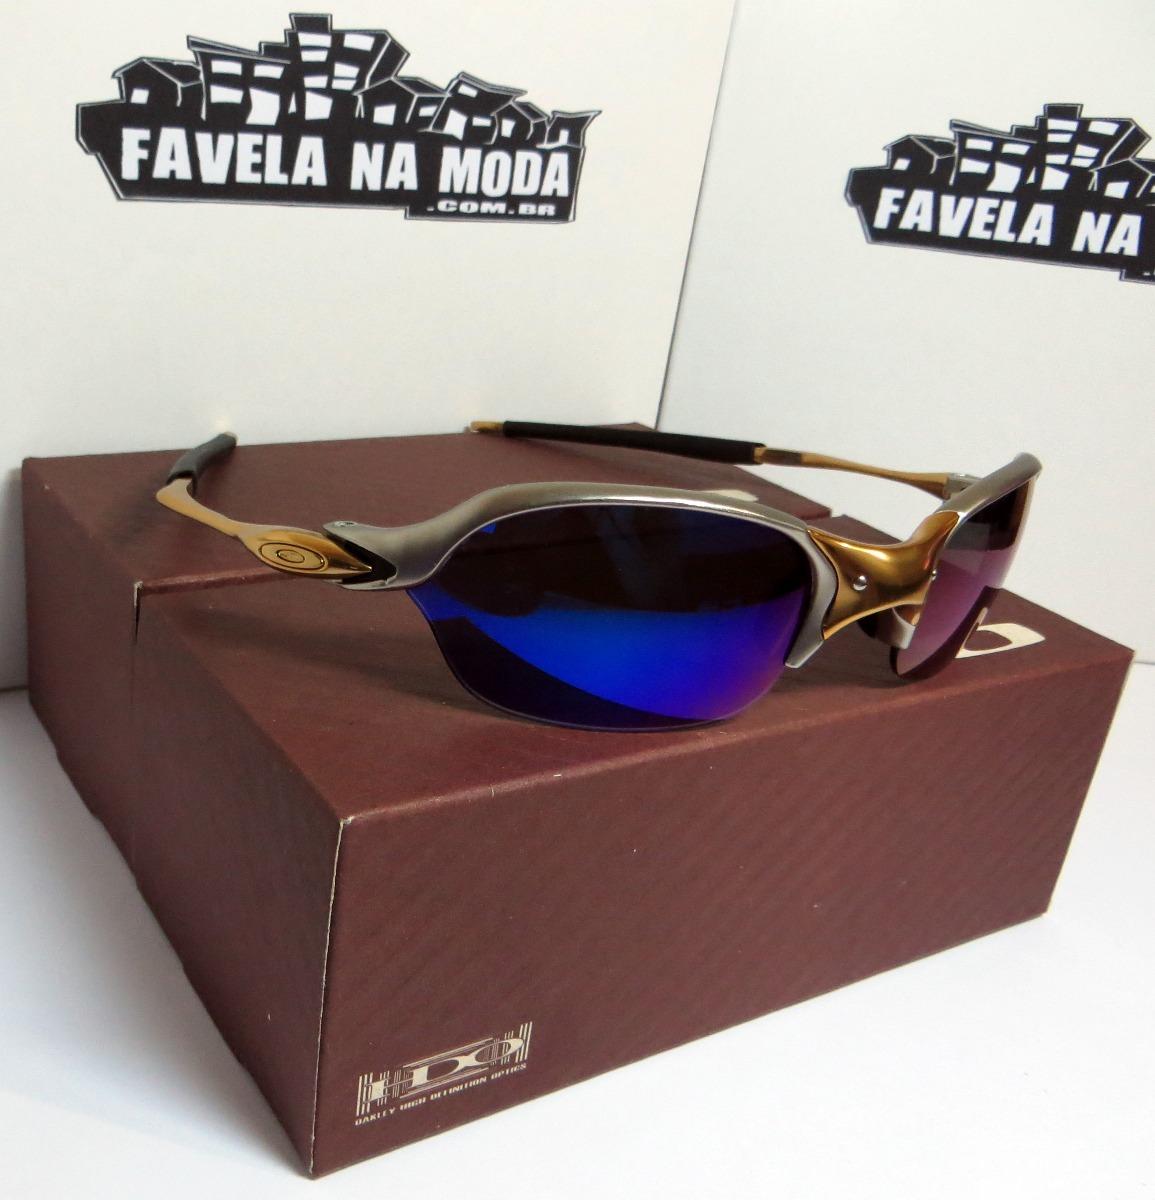 9ecd4d85299b7 óculos oakley romeo 2   24k   magic blue + par de lentes. Carregando zoom.